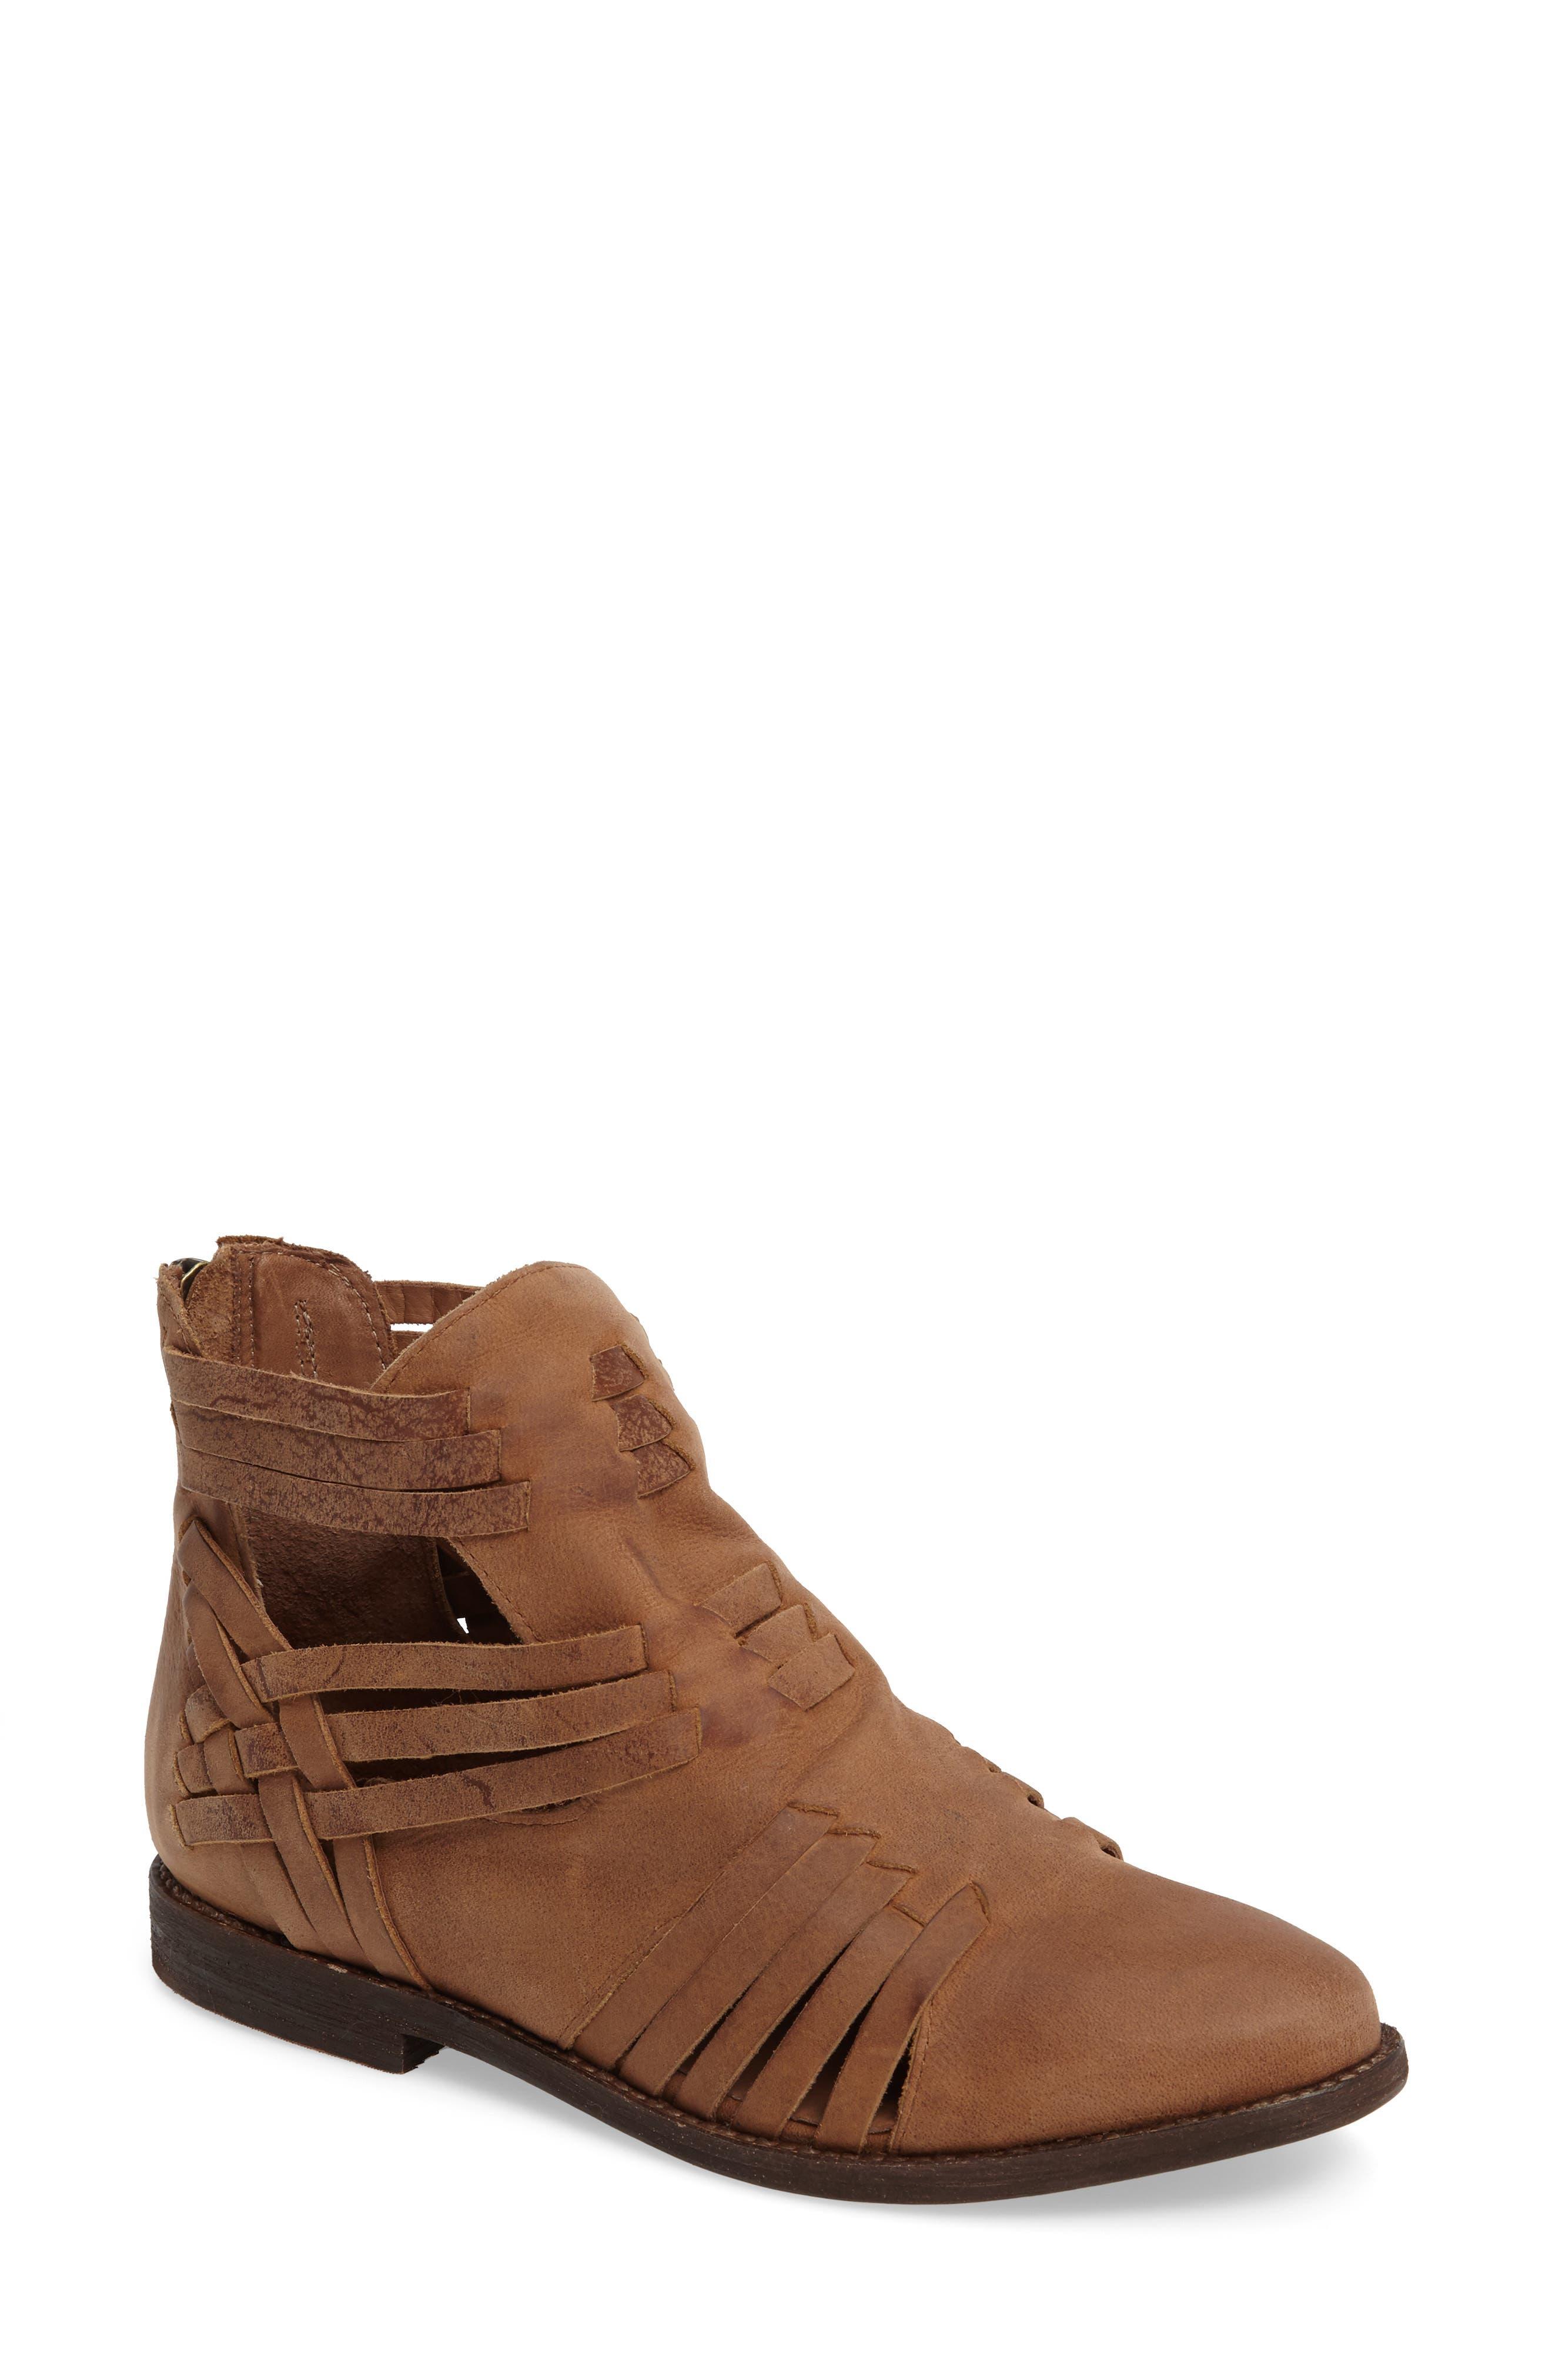 Fairuz Bootie,                             Main thumbnail 1, color,                             Tan Leather